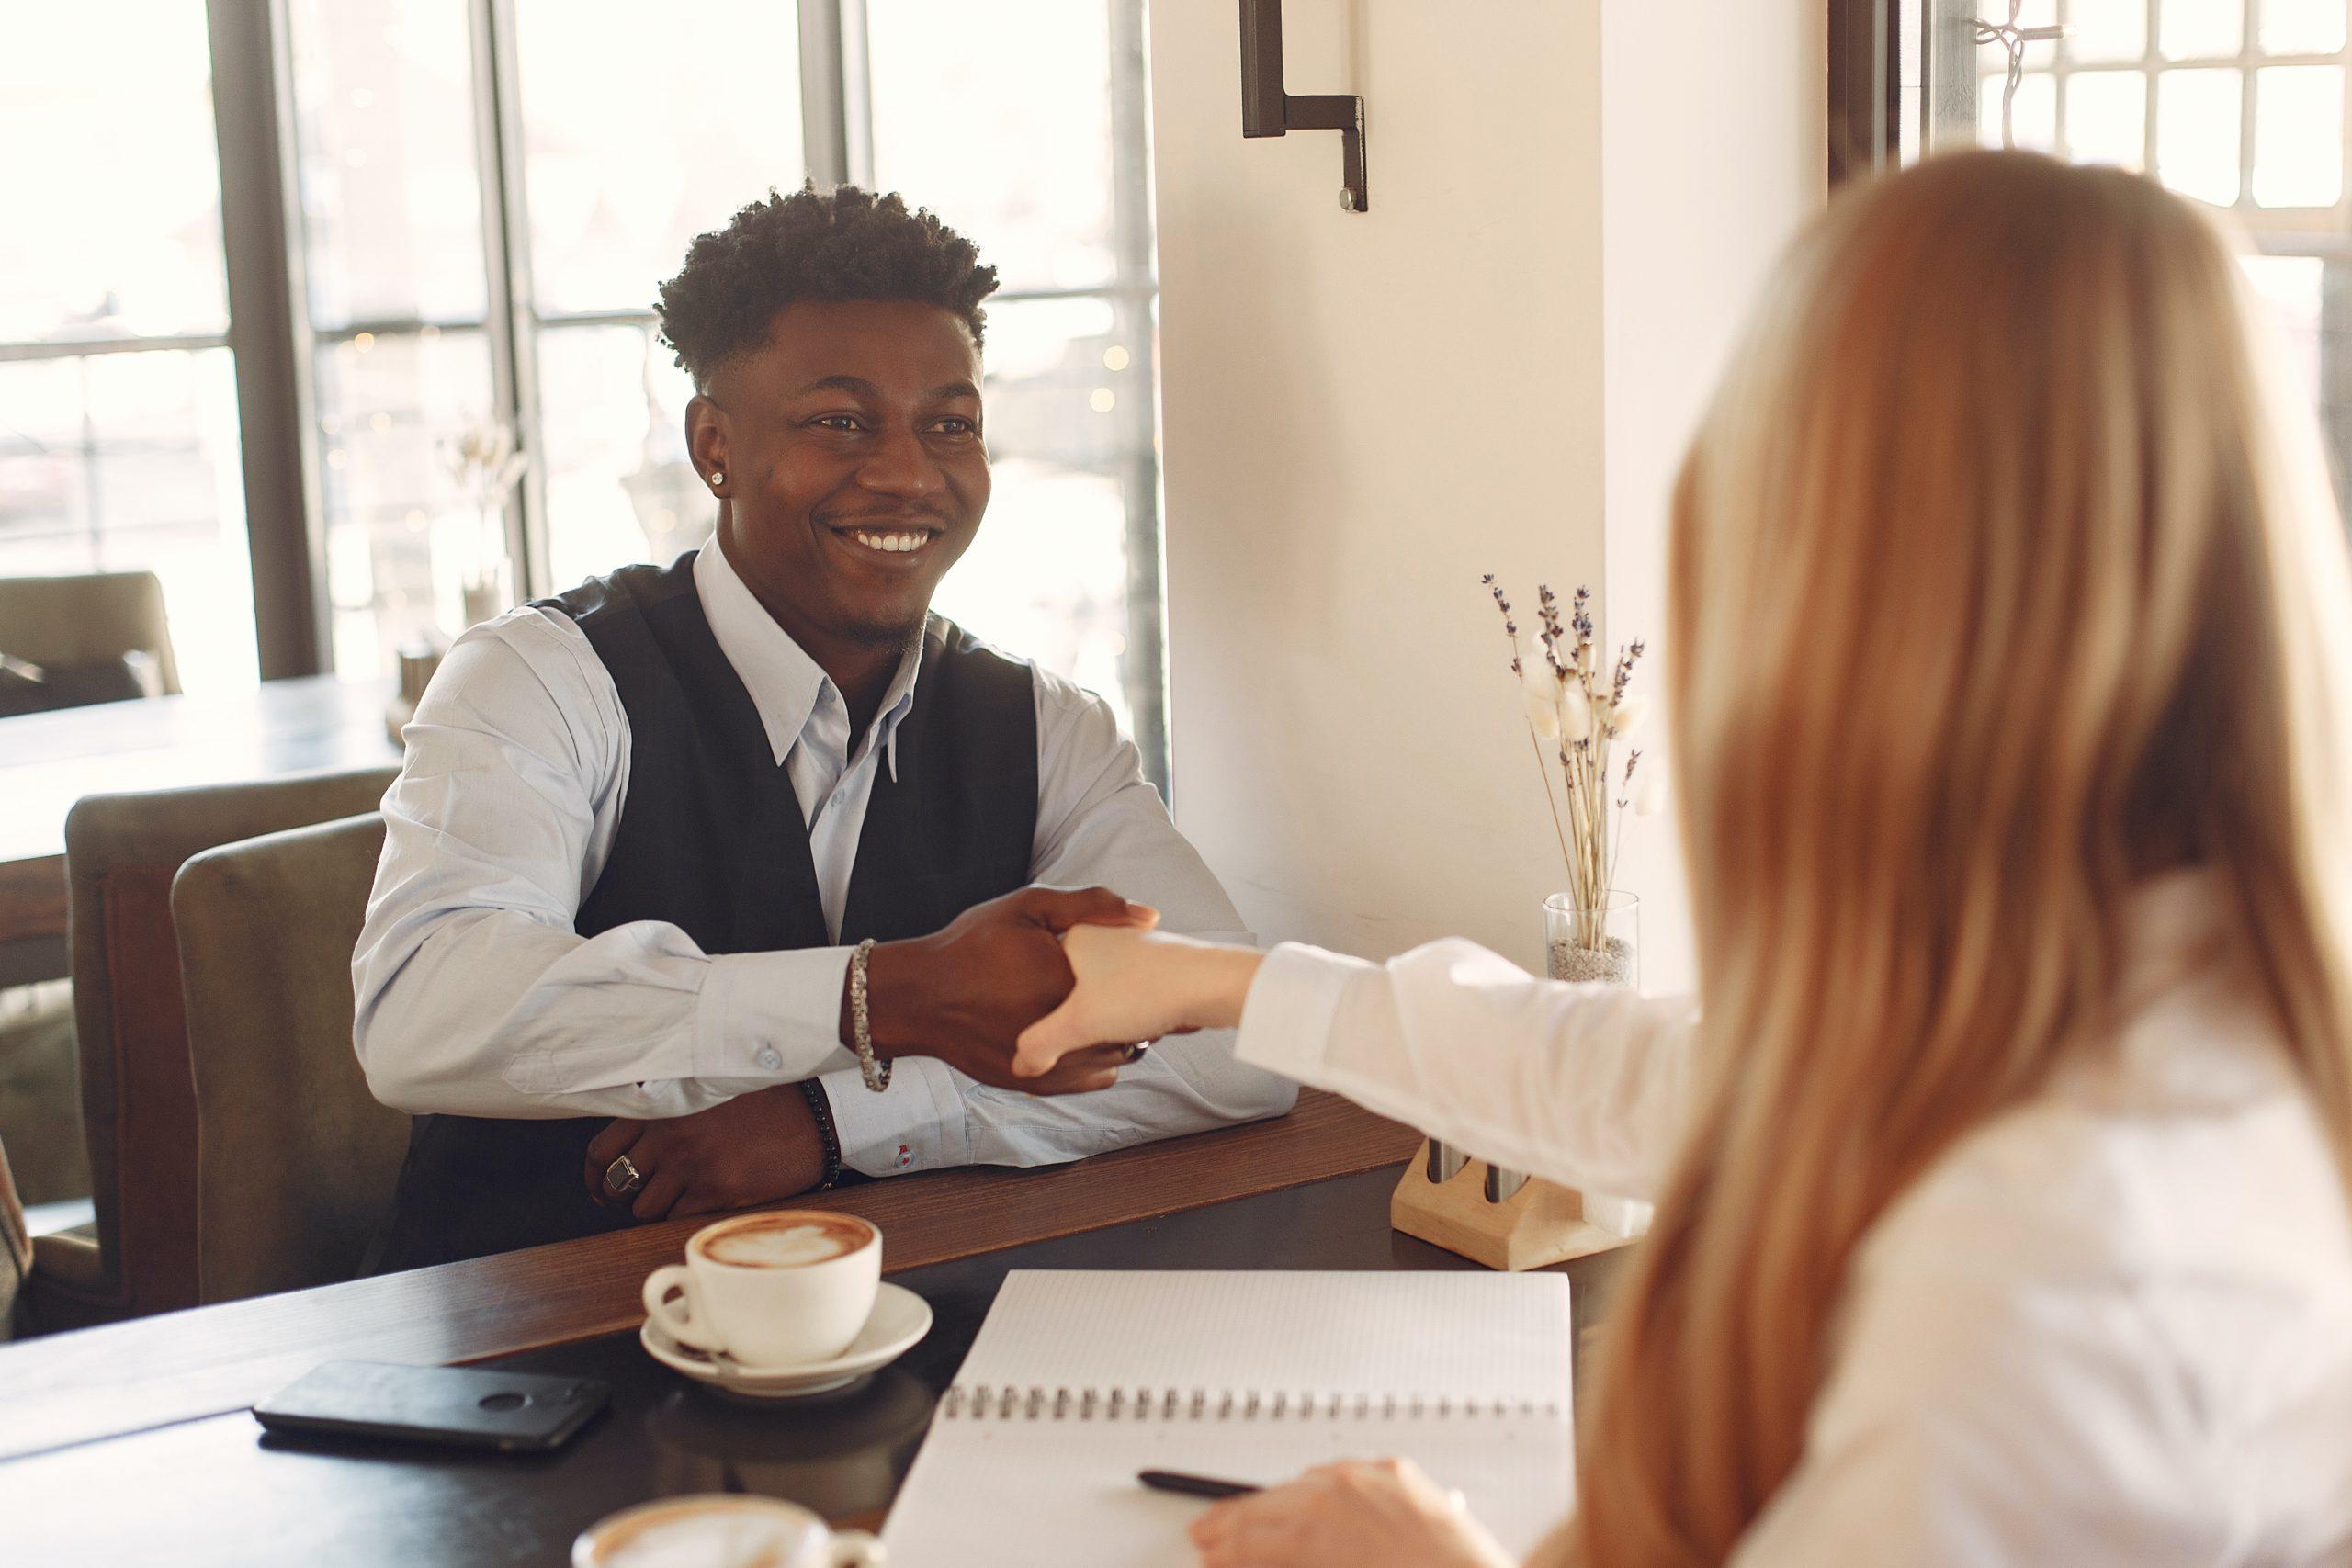 Unusual IT job interview questions: Let's talk sibling dynamics